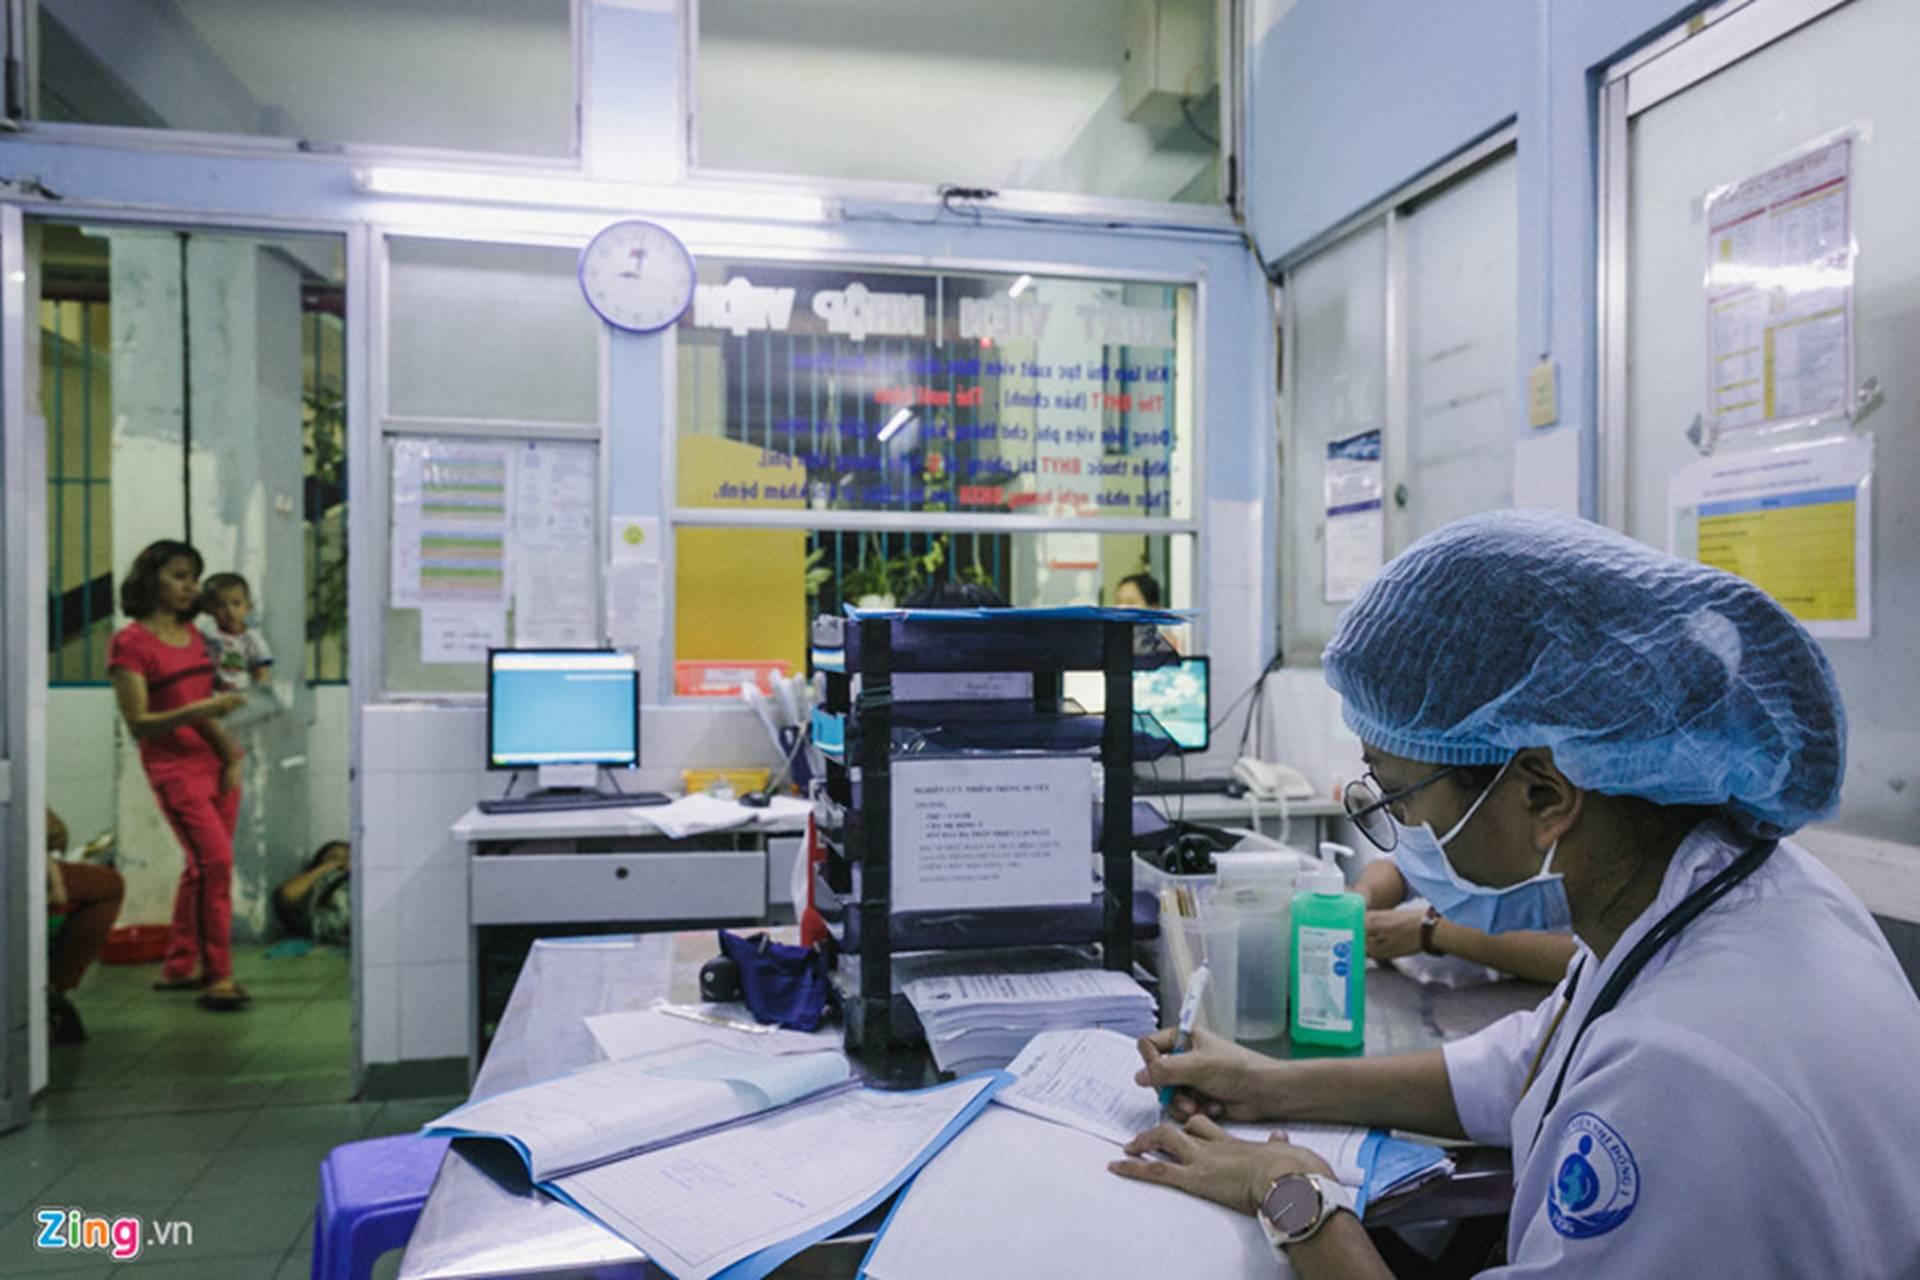 Bệnh viện Nhi ở Sài Gòn vỡ trận vì dịch chồng dịch-16